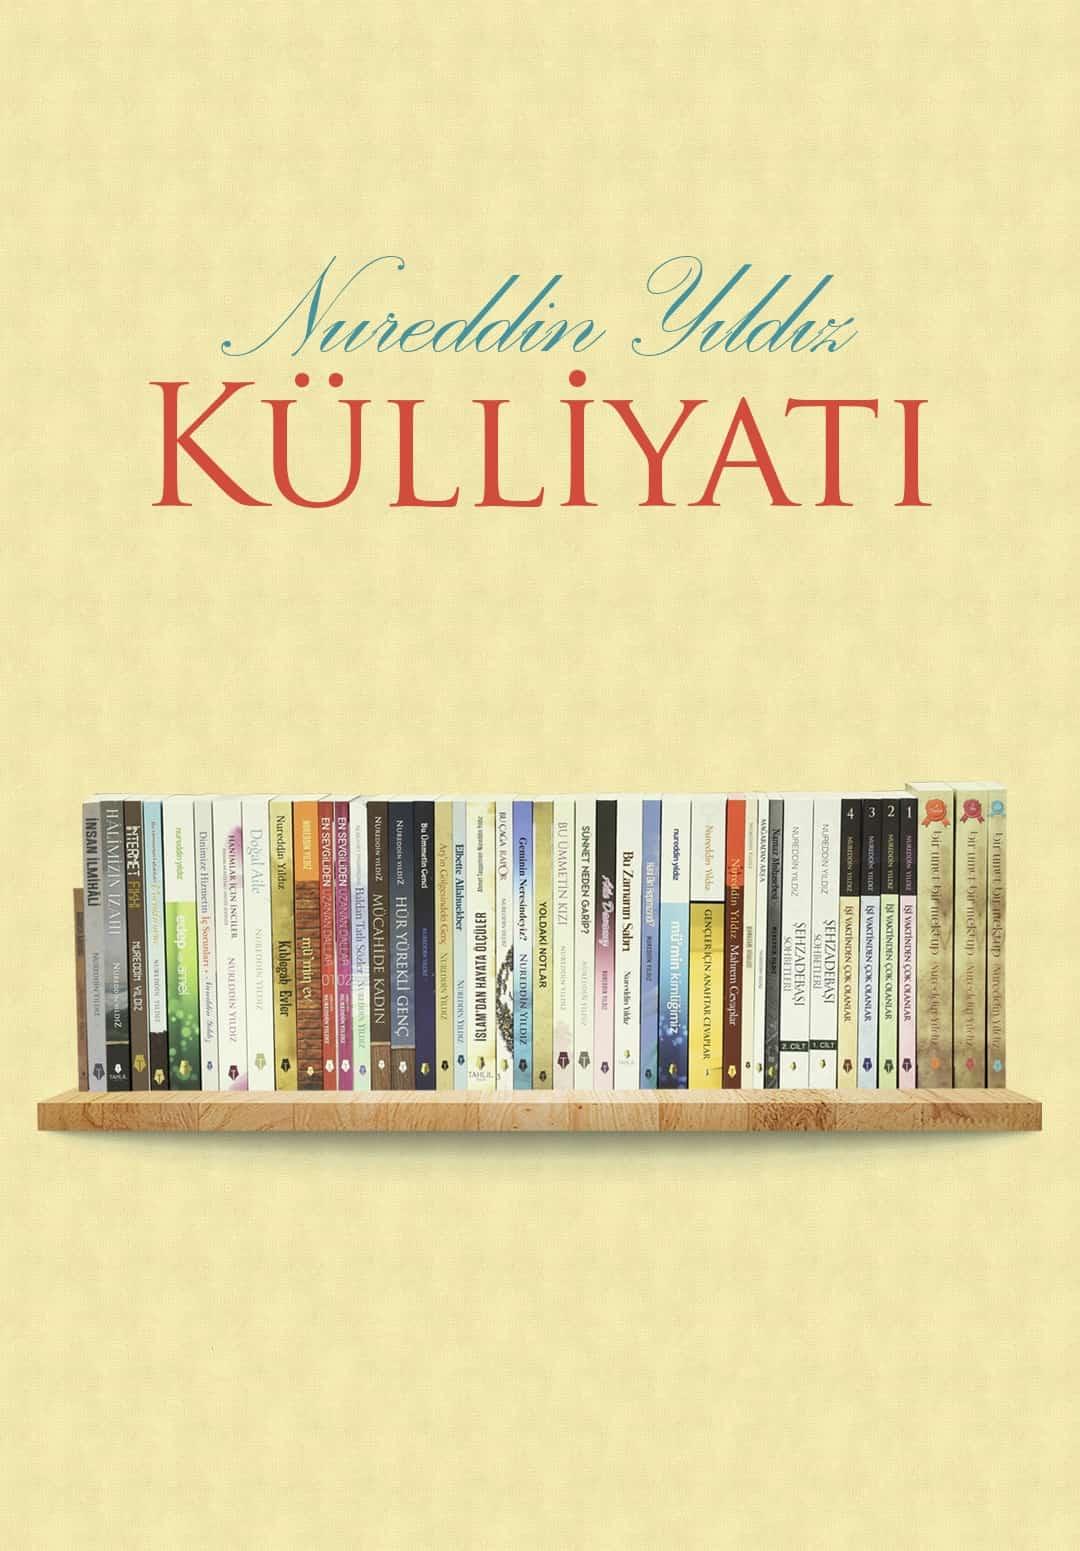 Nureddin Yıldız Külliyatı - 43 Kitaplık Set